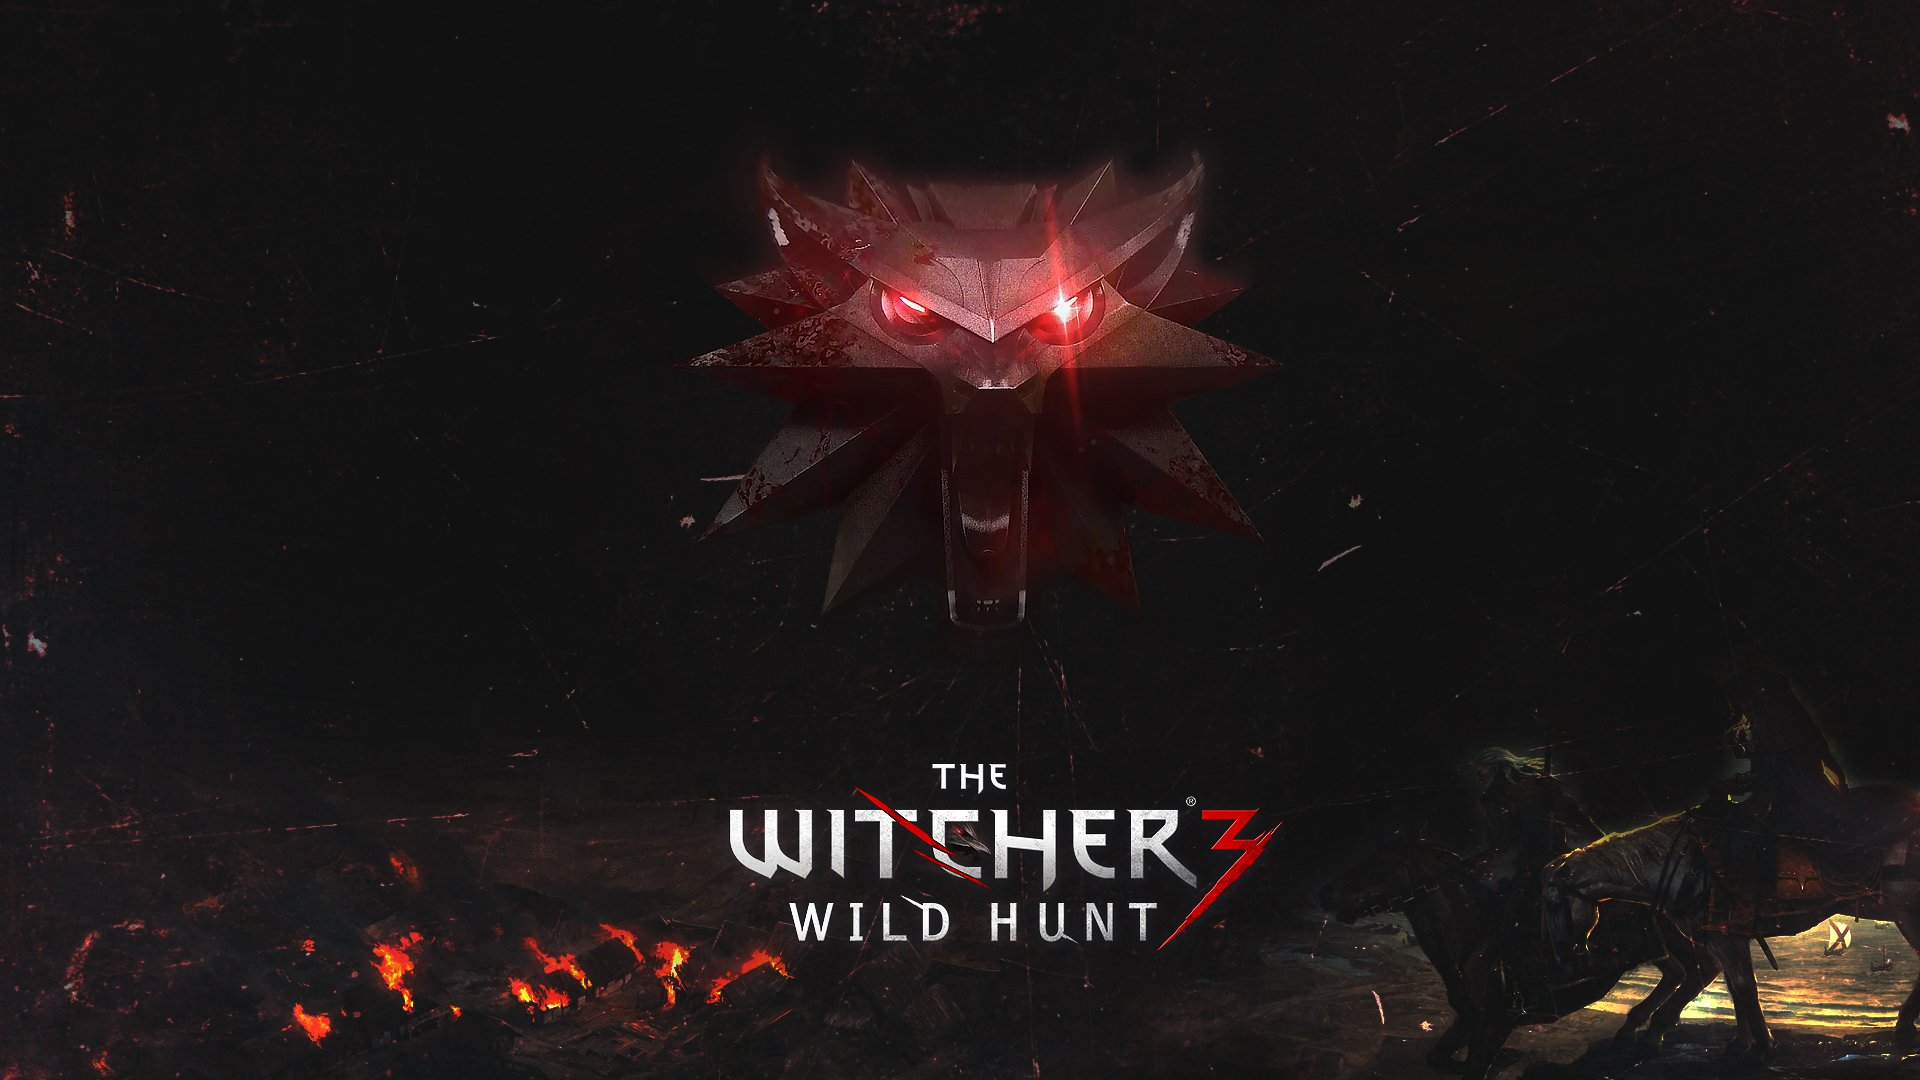 Все известные факты о The Witcher 3: Wild Hunt - Изображение 1